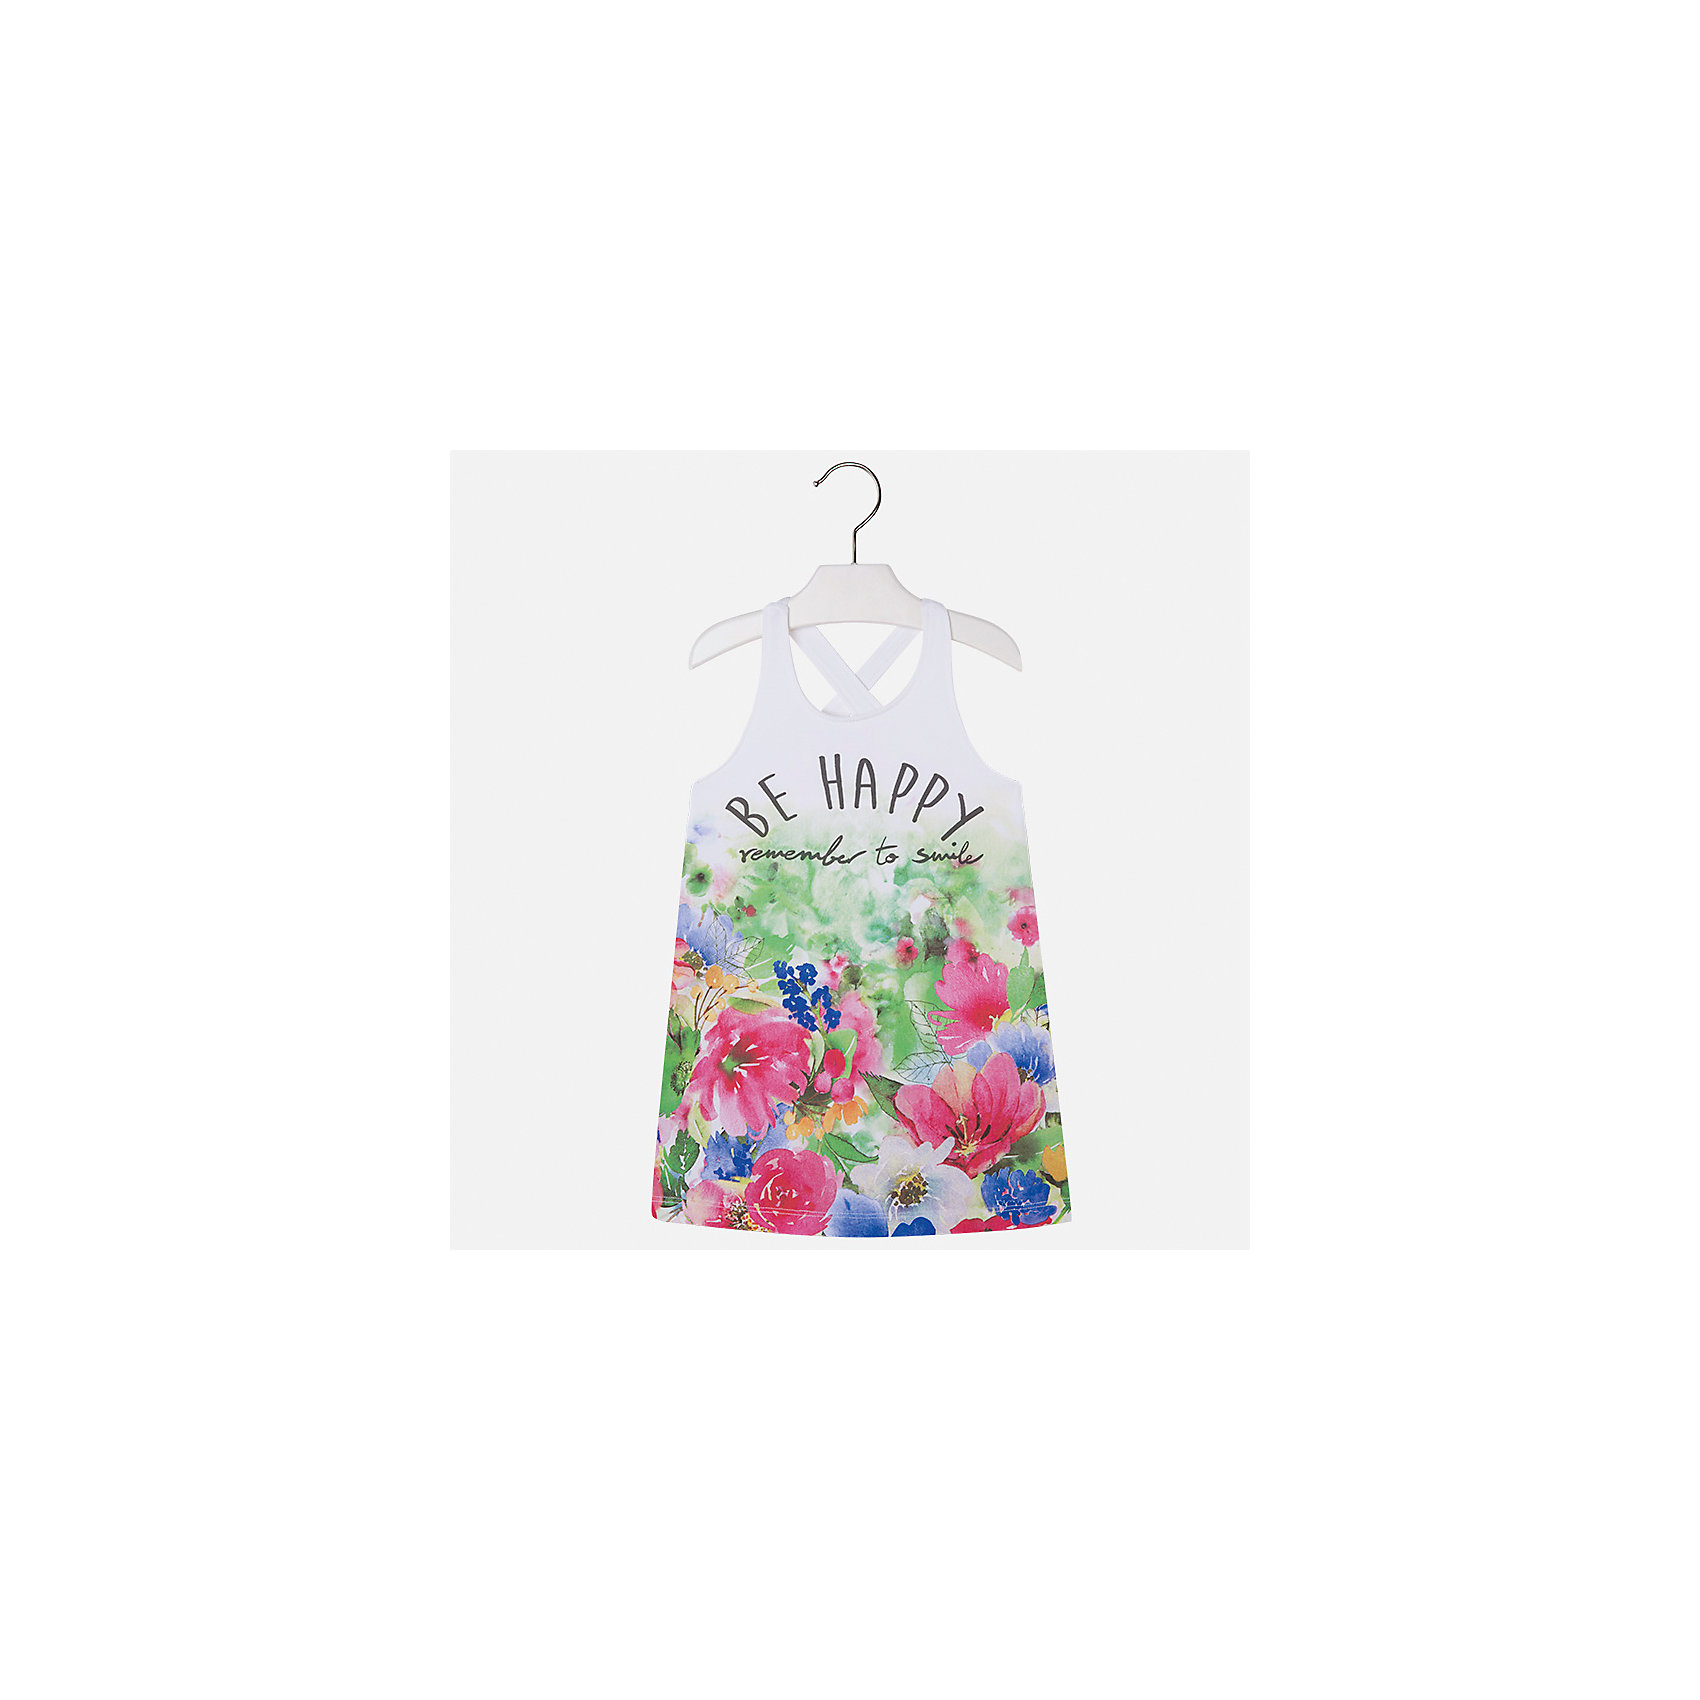 Платье для девочки MayoralВесенняя капель<br>Характеристики товара:<br><br>• цвет: мультиколор<br>• состав: 92% хлопок, 8% эластан<br>• без застежки<br>• принт<br>• без рукавов<br>• без подкладки<br>• страна бренда: Испания<br><br>Модное красивое платье для девочки поможет разнообразить гардероб ребенка и создать эффектный наряд. Оно отлично подойдет для различных случаев. Красивый оттенок позволяет подобрать к вещи обувь разных расцветок. Платье хорошо сидит по фигуре. . В составе материала - натуральный хлопок, гипоаллергенный, приятный на ощупь, дышащий.<br><br>Одежда, обувь и аксессуары от испанского бренда Mayoral полюбились детям и взрослым по всему миру. Модели этой марки - стильные и удобные. Для их производства используются только безопасные, качественные материалы и фурнитура. Порадуйте ребенка модными и красивыми вещами от Mayoral! <br><br>Платье для девочки от испанского бренда Mayoral (Майорал) можно купить в нашем интернет-магазине.<br><br>Ширина мм: 236<br>Глубина мм: 16<br>Высота мм: 184<br>Вес г: 177<br>Цвет: красный<br>Возраст от месяцев: 84<br>Возраст до месяцев: 96<br>Пол: Женский<br>Возраст: Детский<br>Размер: 128,134,92,98,104,110,116,122<br>SKU: 5292443